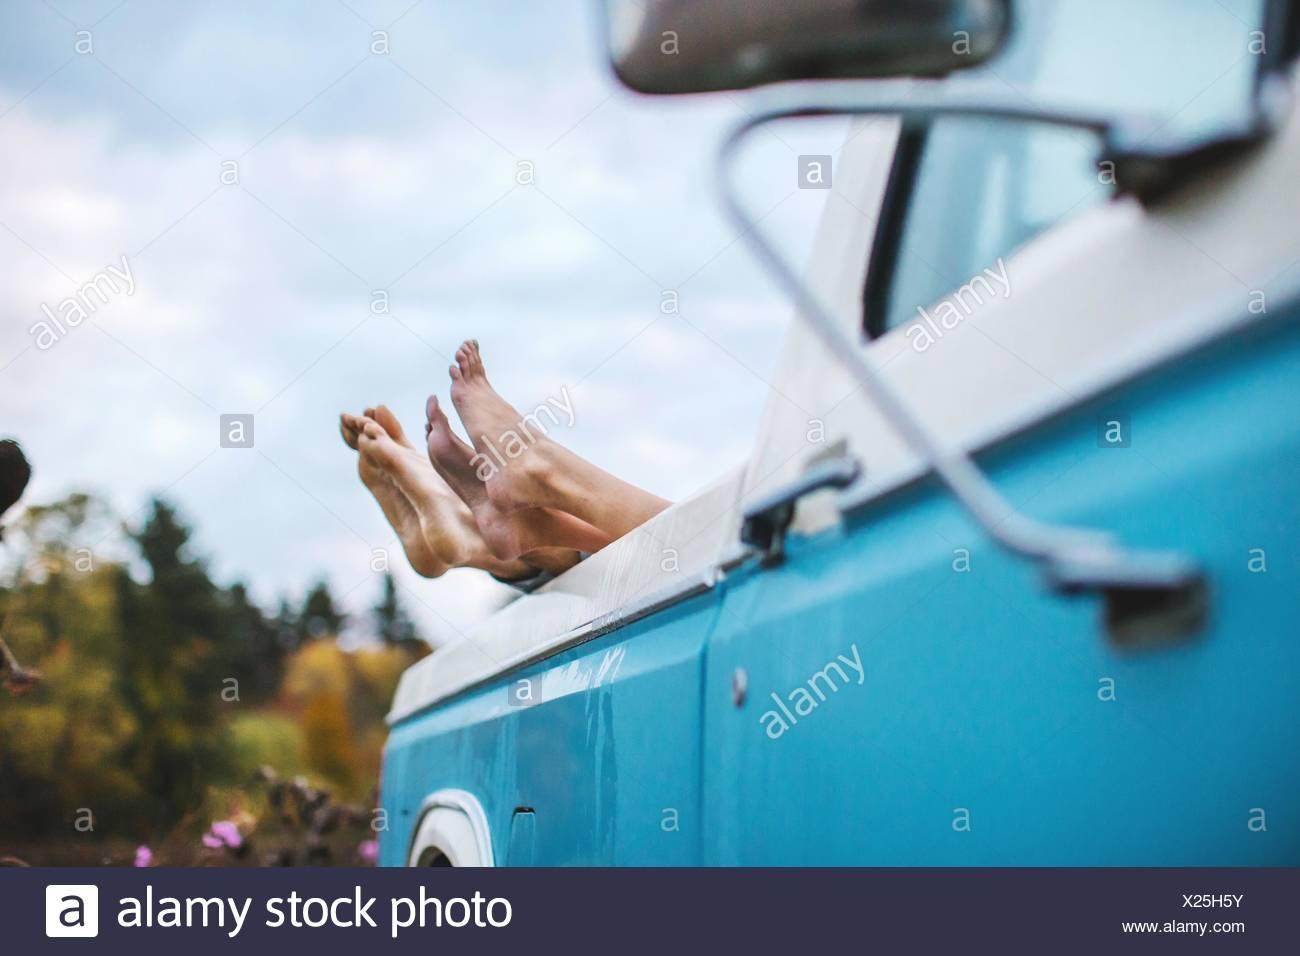 Junges Paar liegen hinter LKW, barfuß am Rand des LKW, konzentrieren sich auf Füße Stockbild